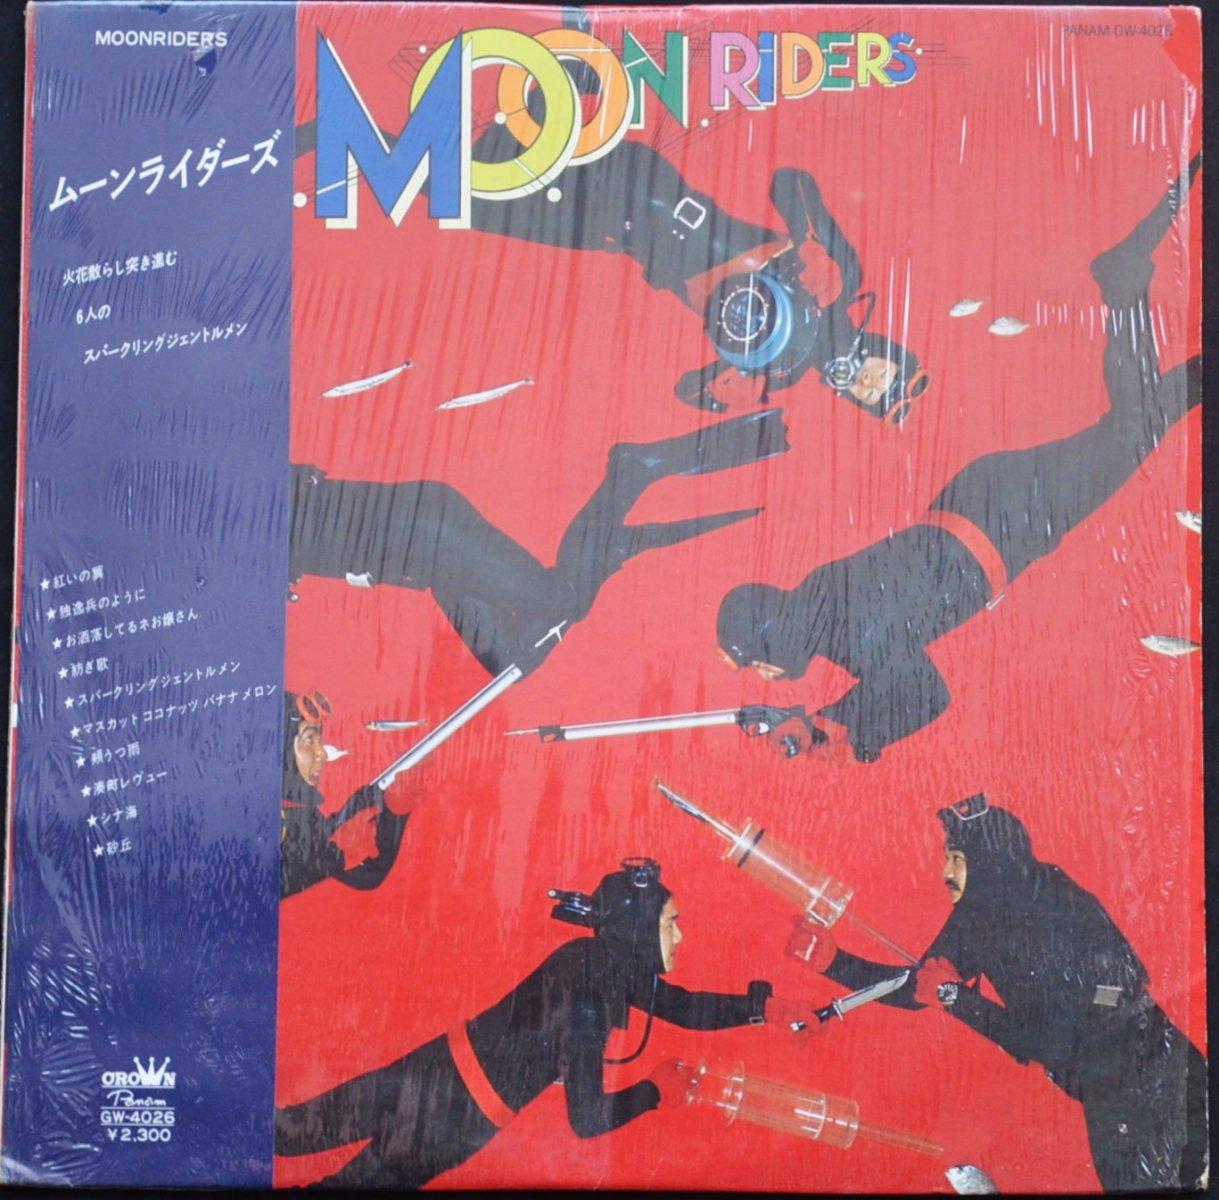 ムーンライダース MOON RIDERS / MOON RIDERS (LP)